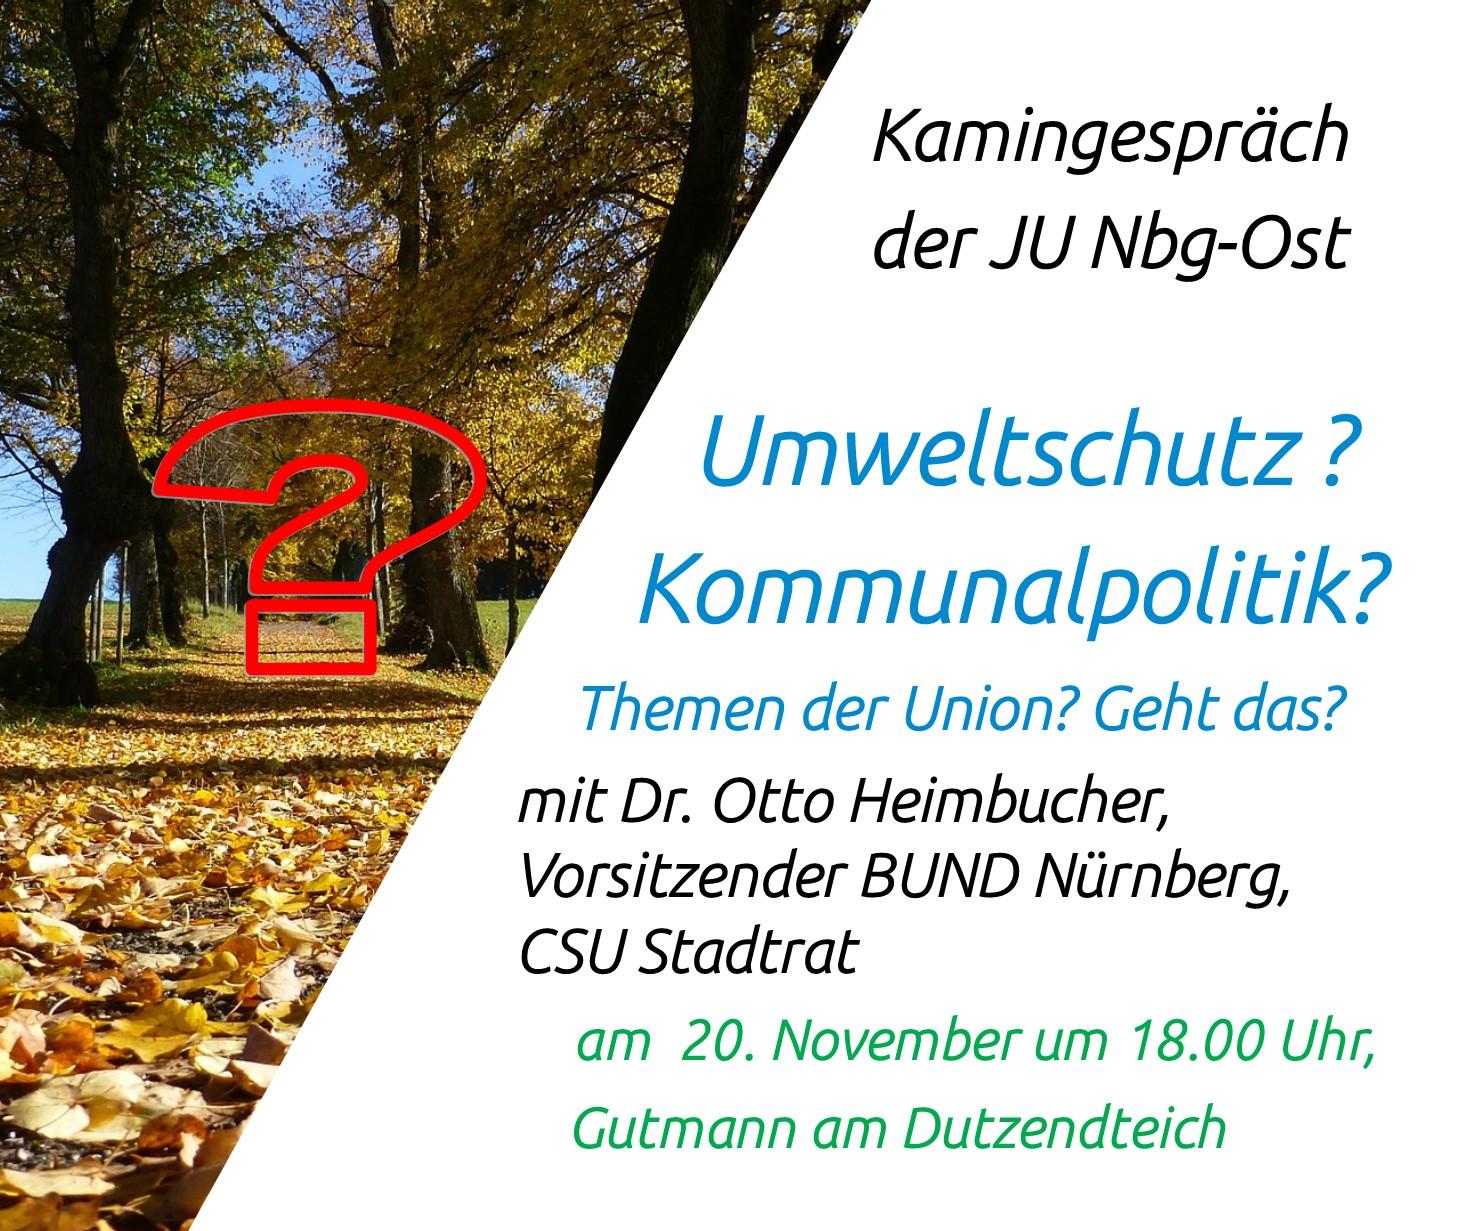 kamingesprachottoheimbucher.jpg